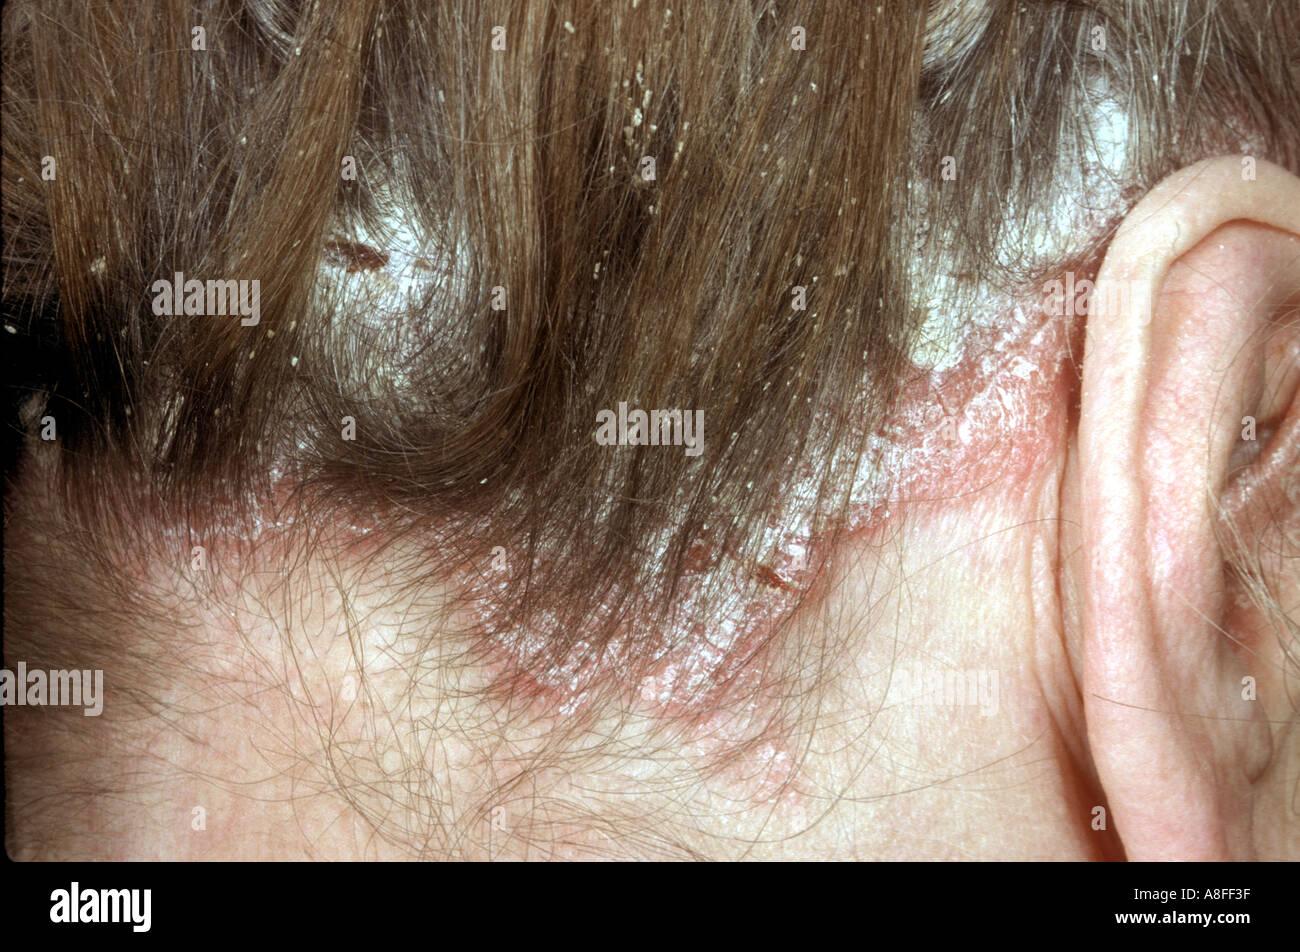 Berühmt Schuppenflechte auf Kopfhaut Stockfoto, Bild: 589631 - Alamy &PZ_39